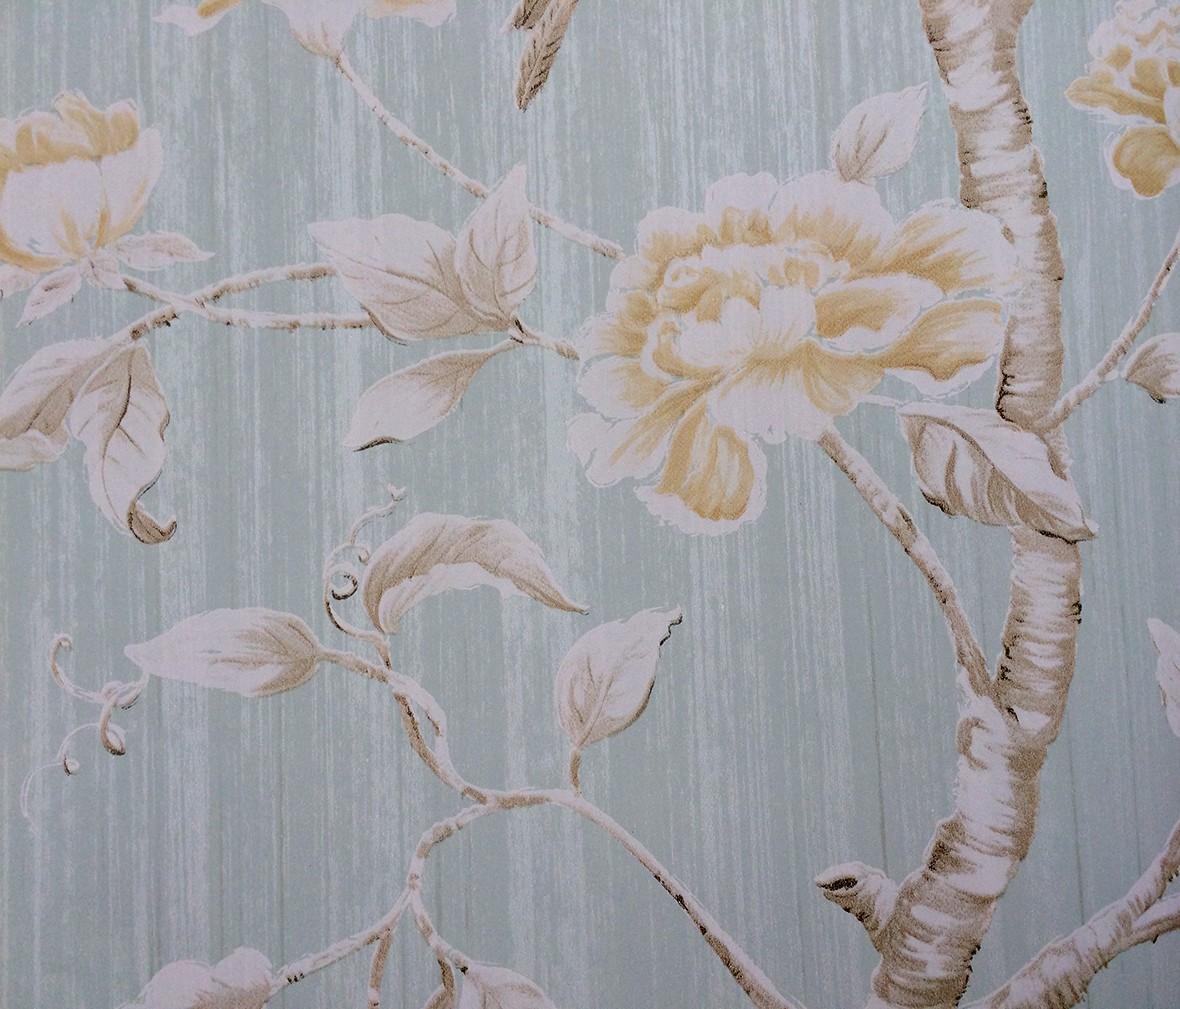 山花地毯 兰亭序系列la76185型号纯纸壁纸 绿色环保